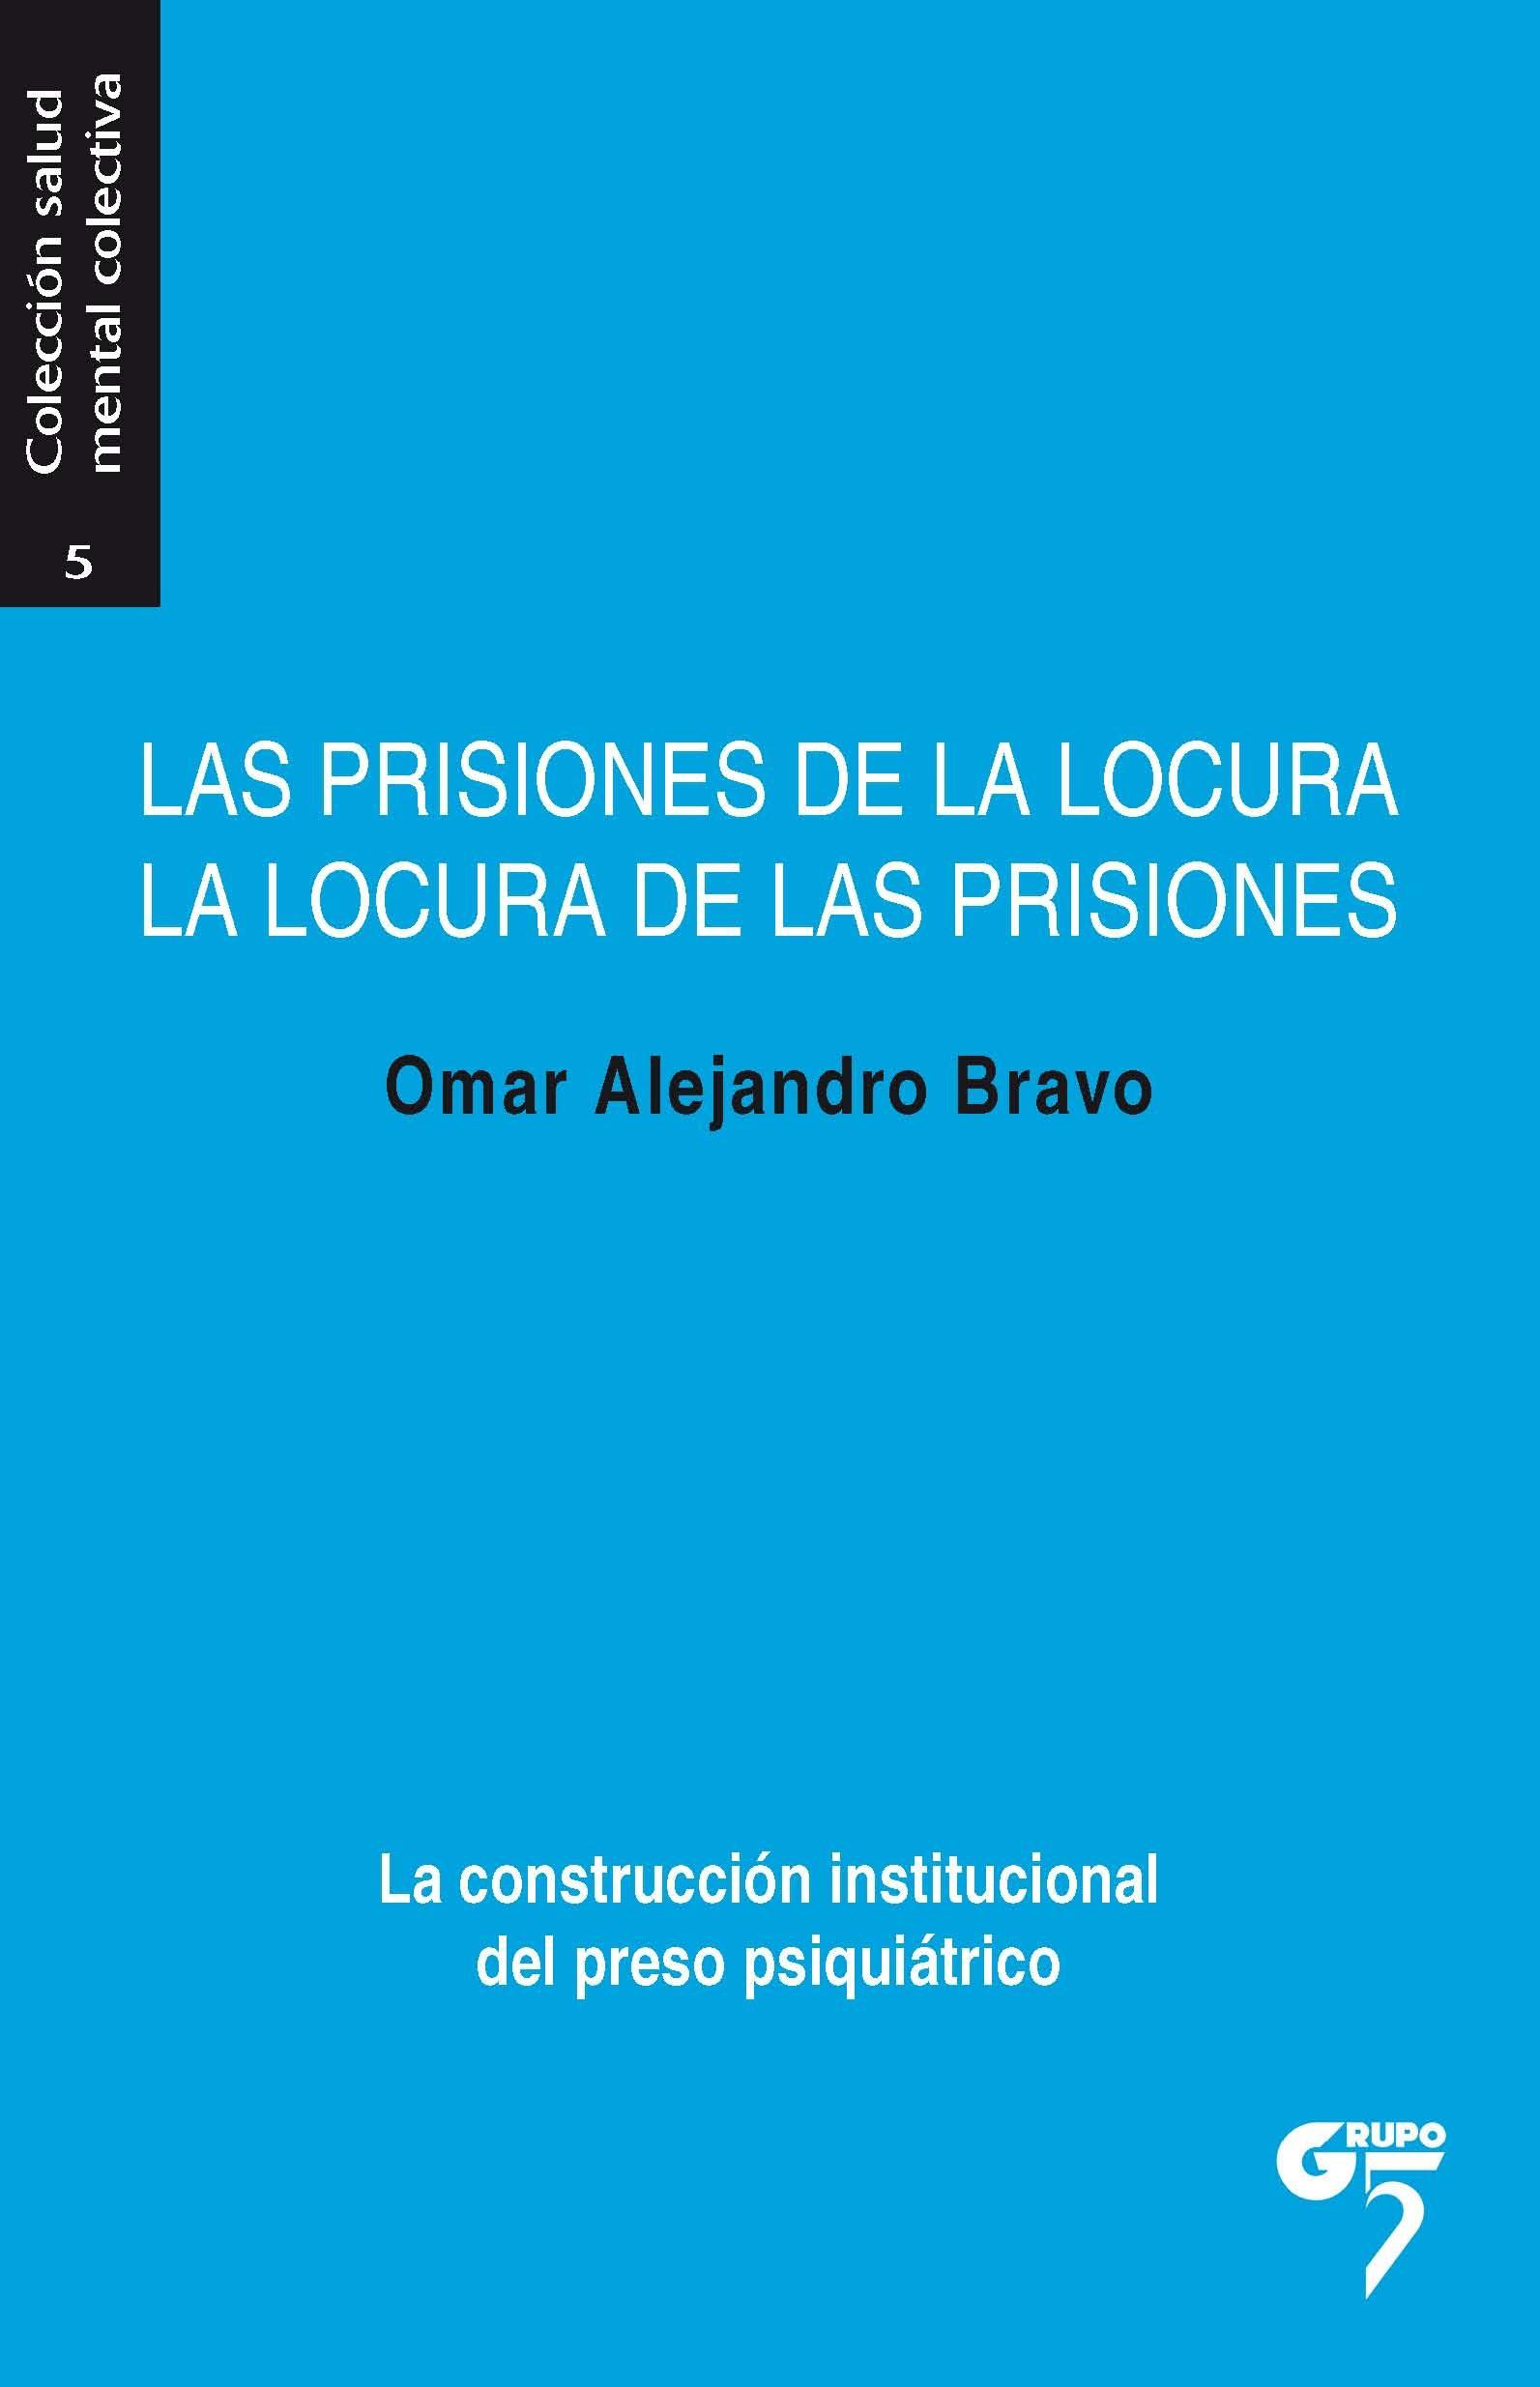 portada_las_prisiones_de_la_locura